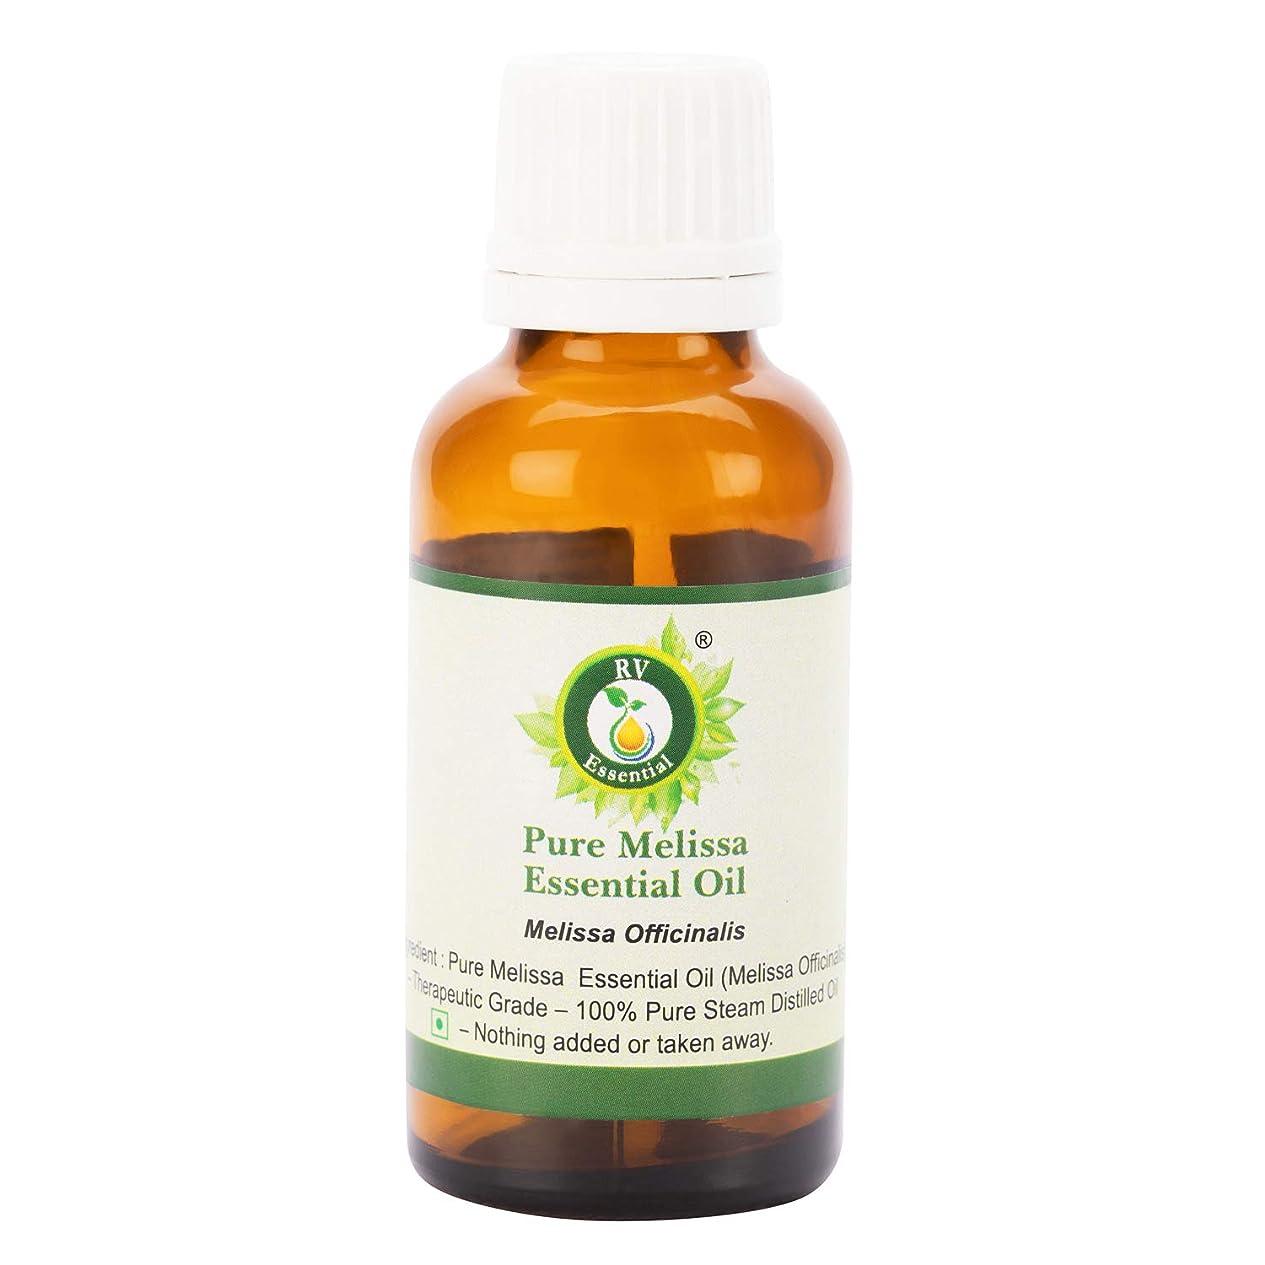 世論調査種類求人ピュアエッセンシャルオイルメリッサ630ml (21oz)- Melissa Officinalis (100%純粋&天然スチームDistilled) Pure Melissa Essential Oil